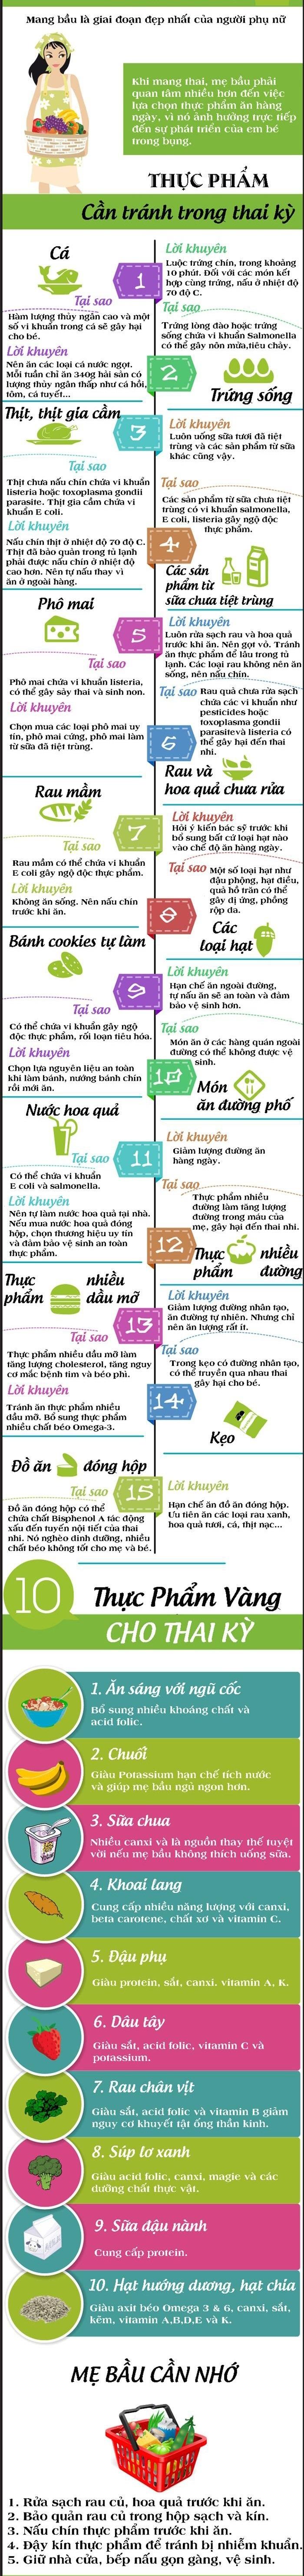 co-thai-nen-an-gi-singlemum.vn